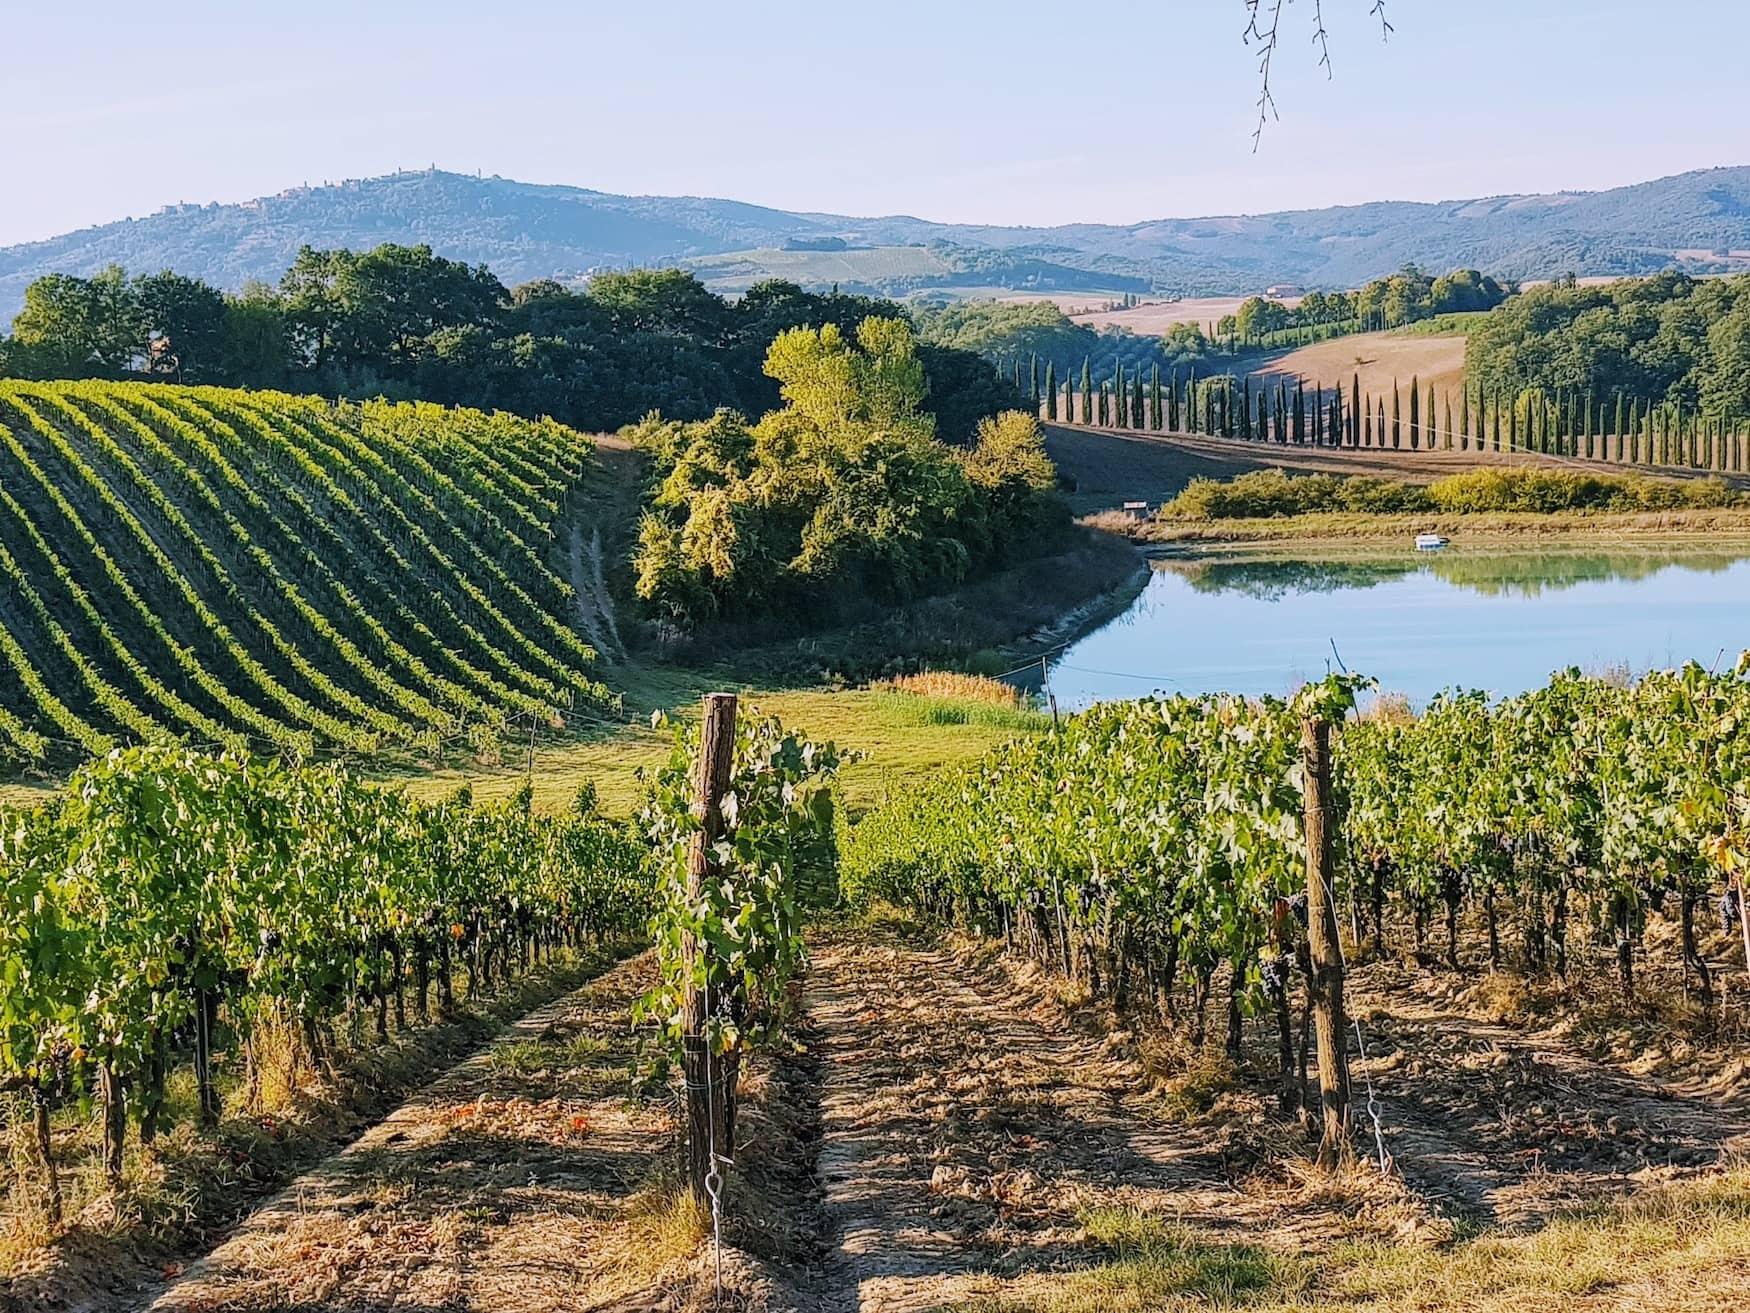 Weinfelder in der Toskana, wo Winzerin Bettina Schumann inspiriert wurde